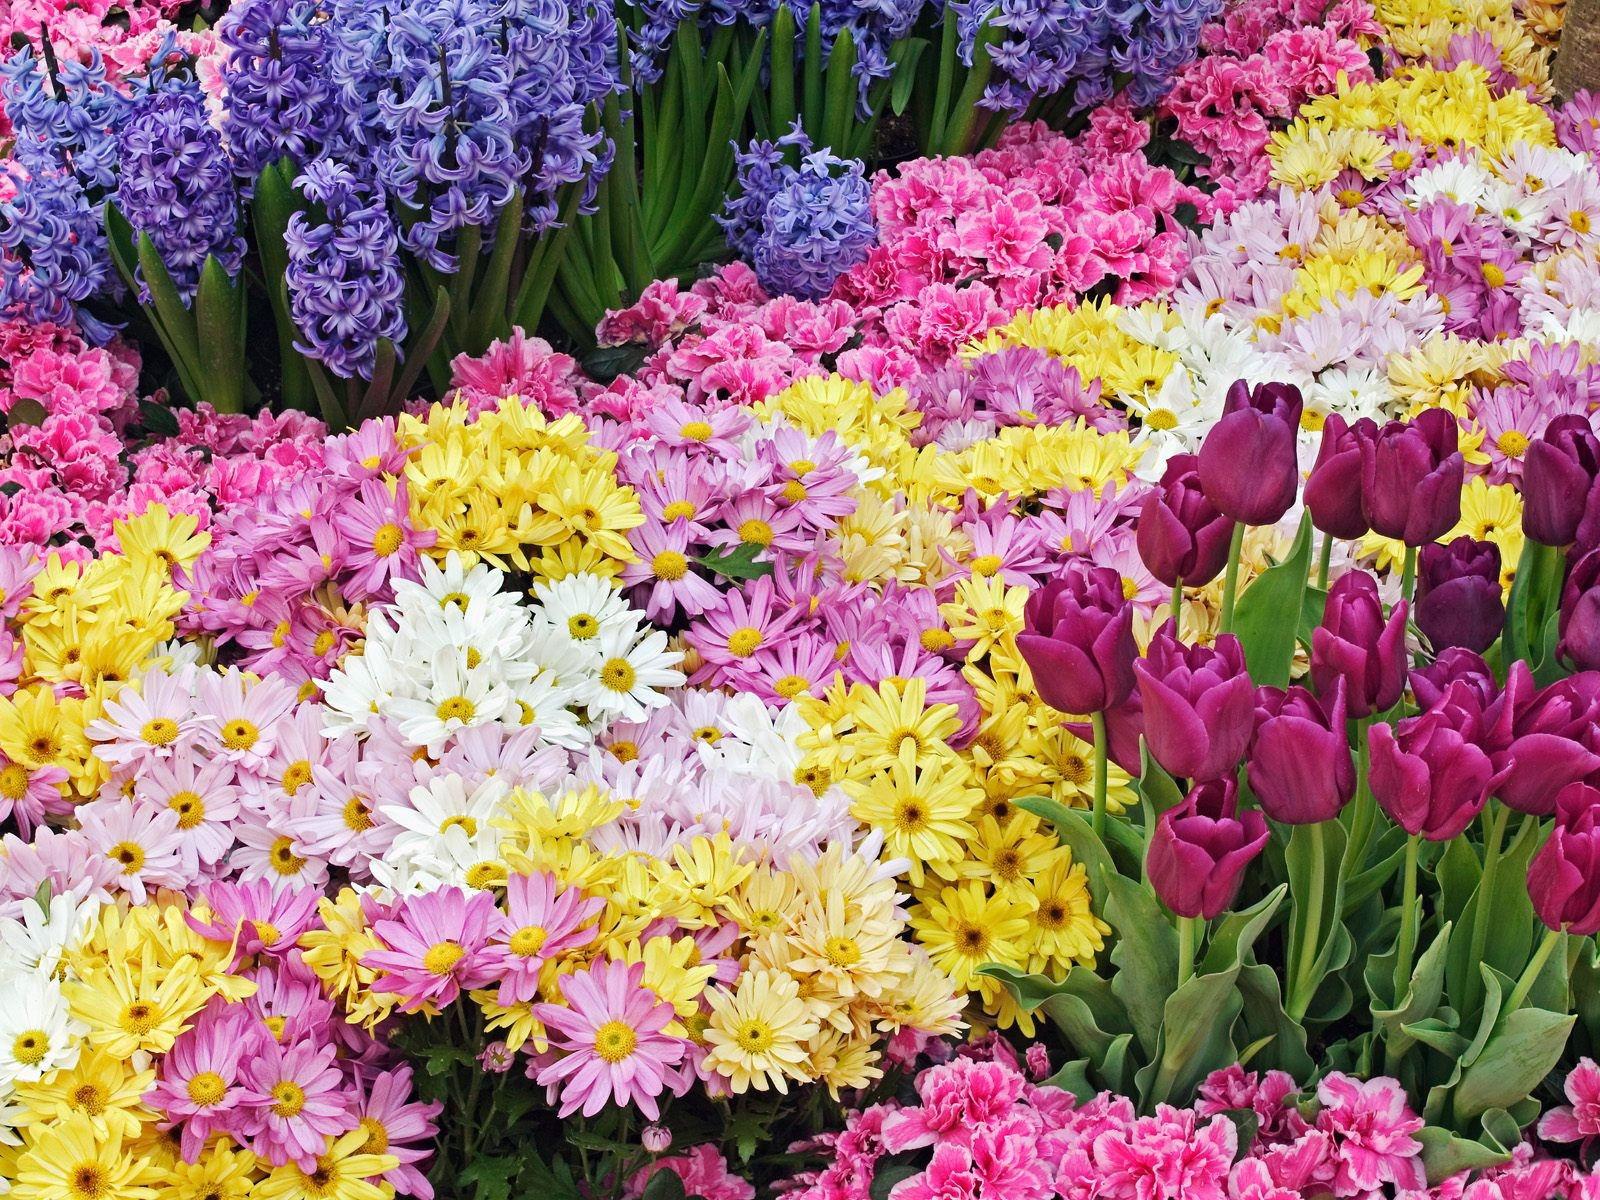 صور ورود جميلة اجمل صور الورد والازهار بجودة HD (46)